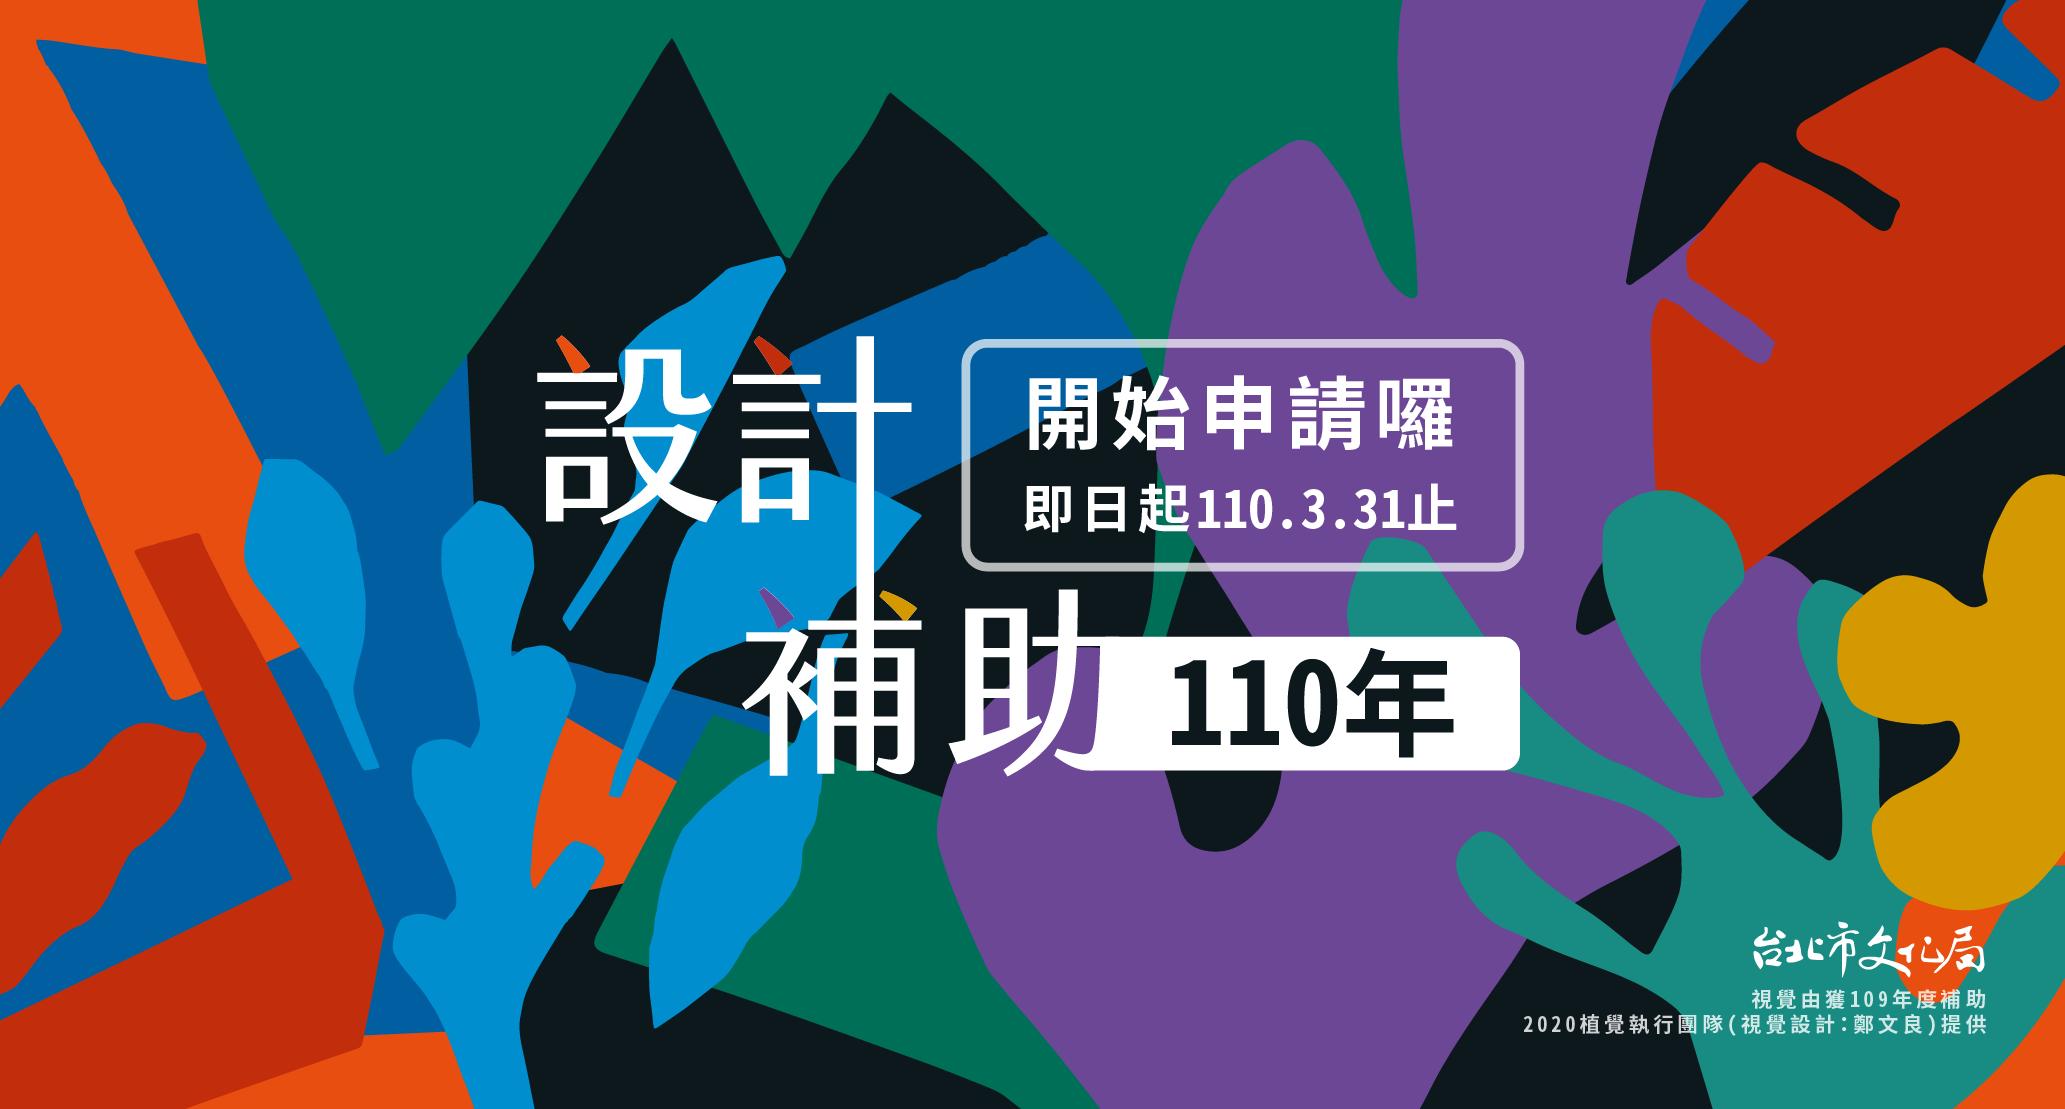 110年臺北市政府文化局 設計補助開始申請囉!